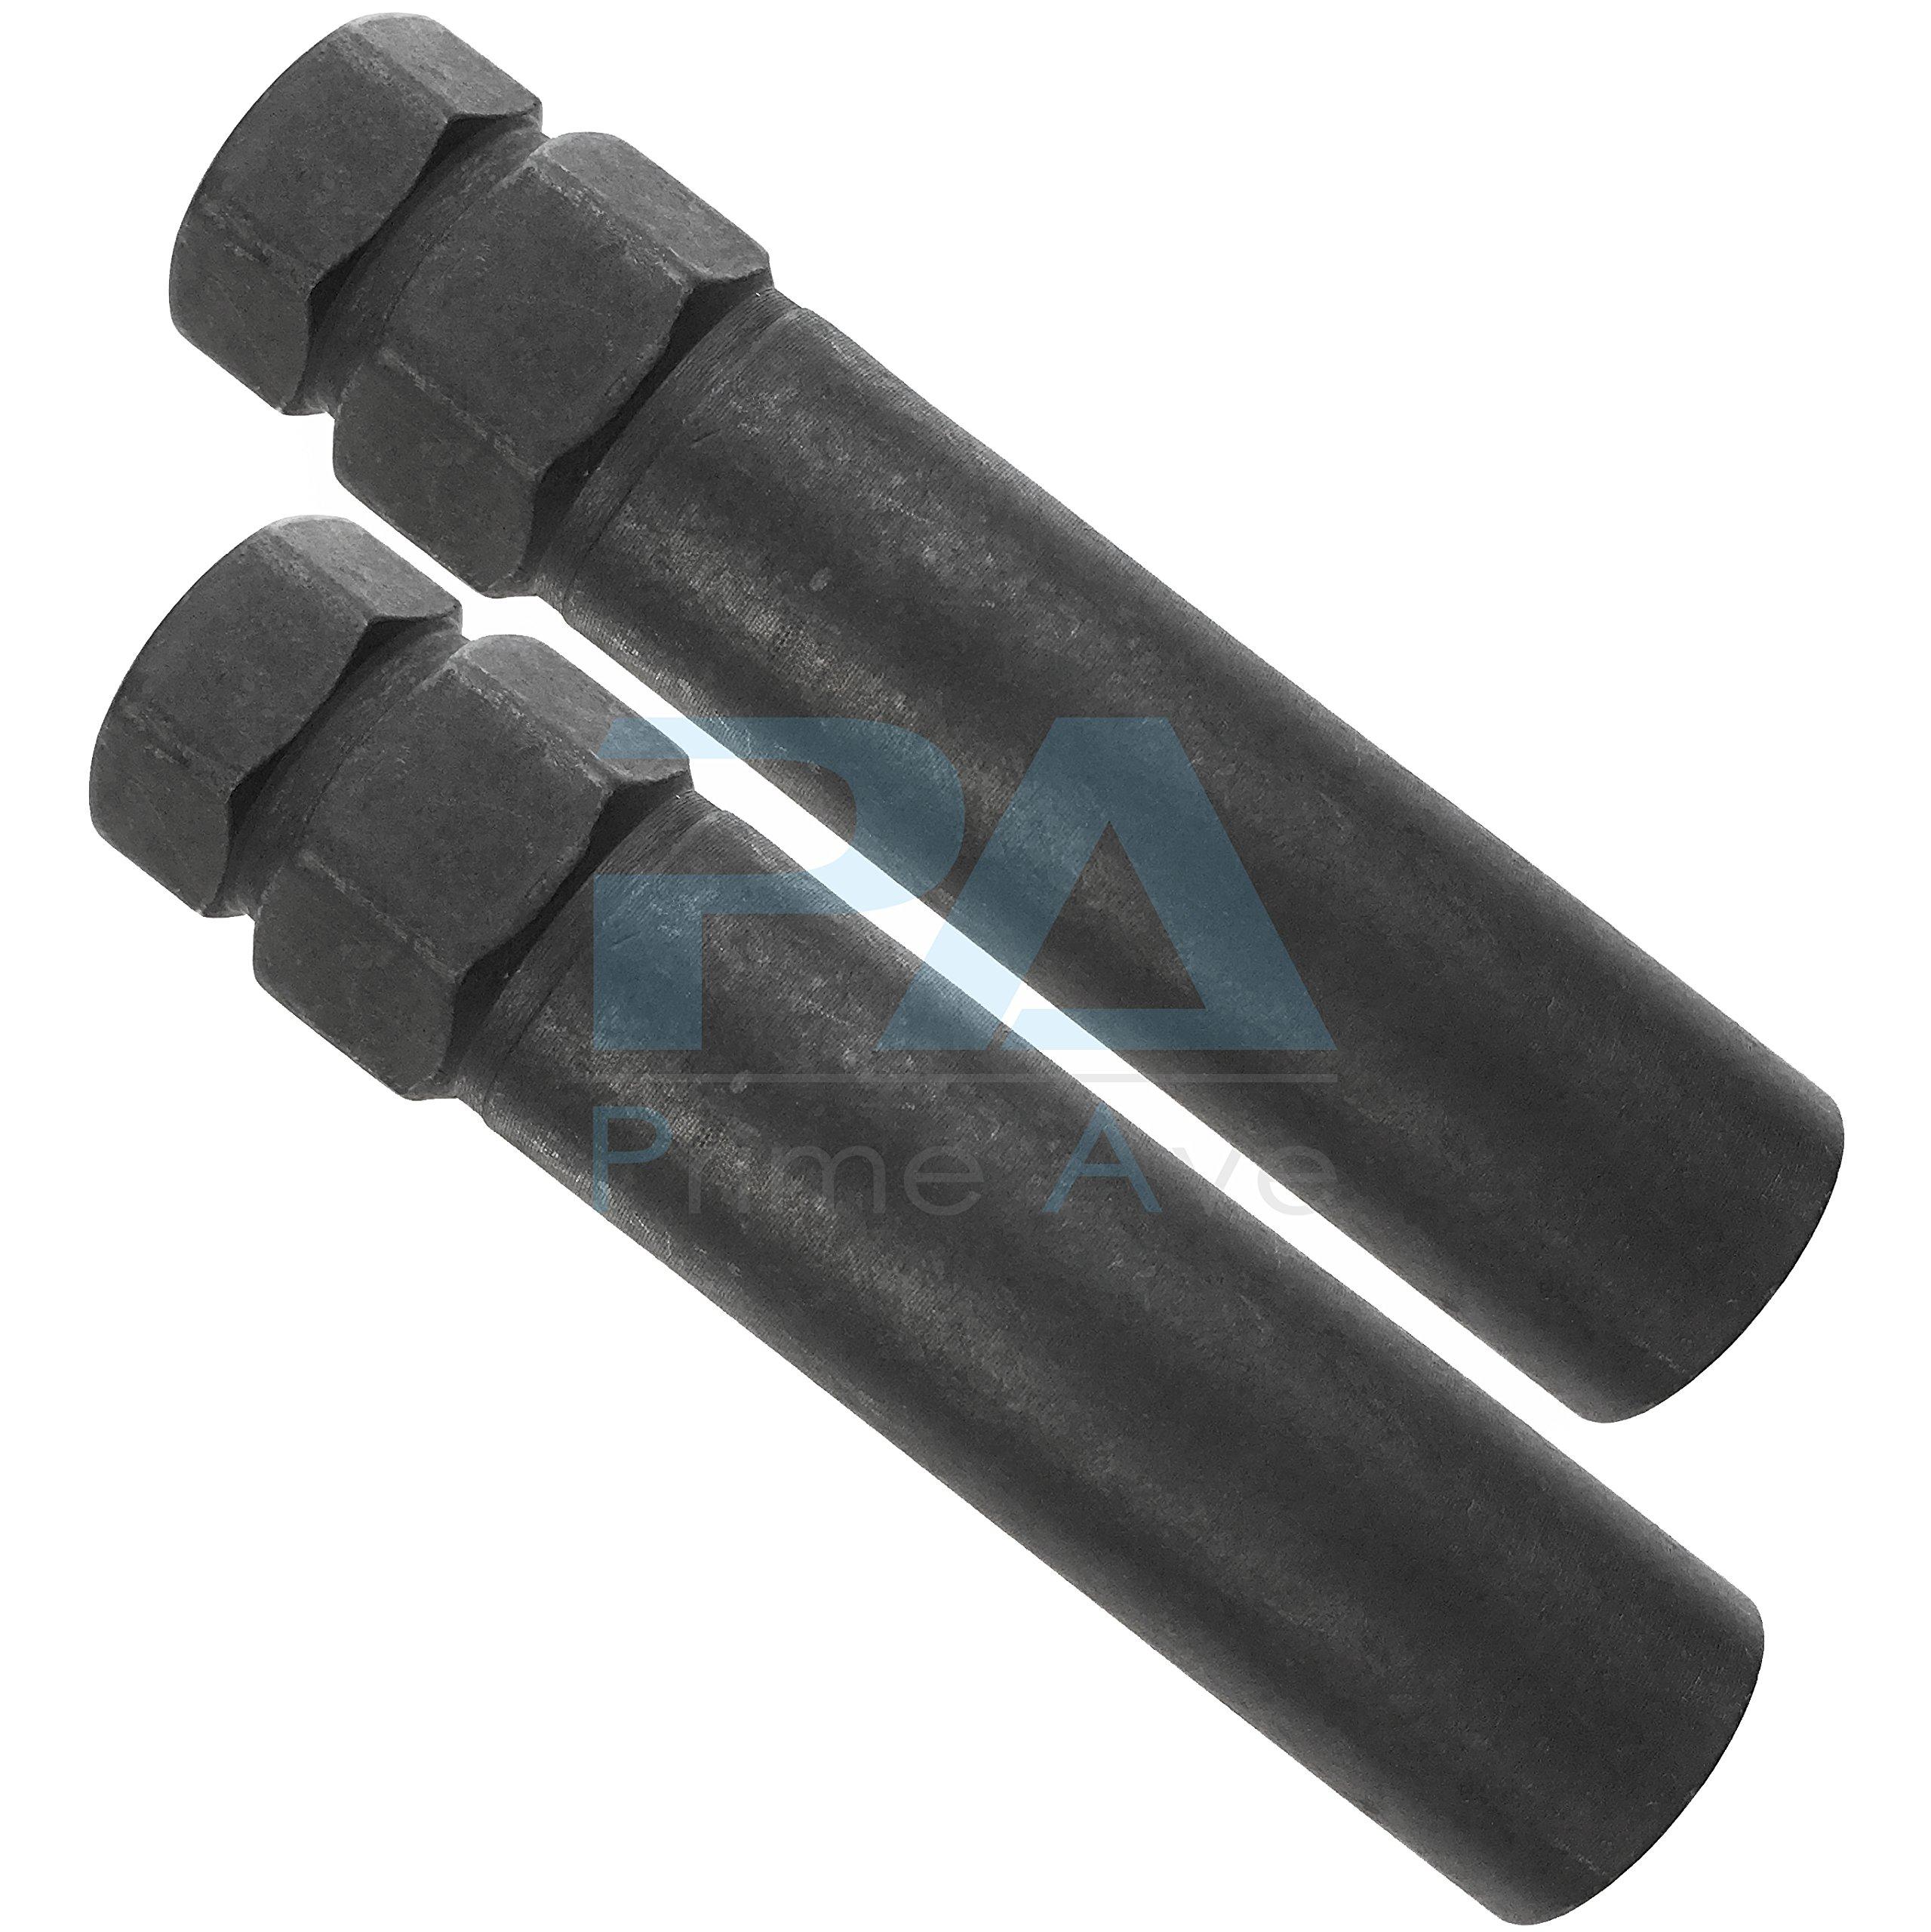 (2) Black 6 Point Standard Tuner Spline Drive Key Tools